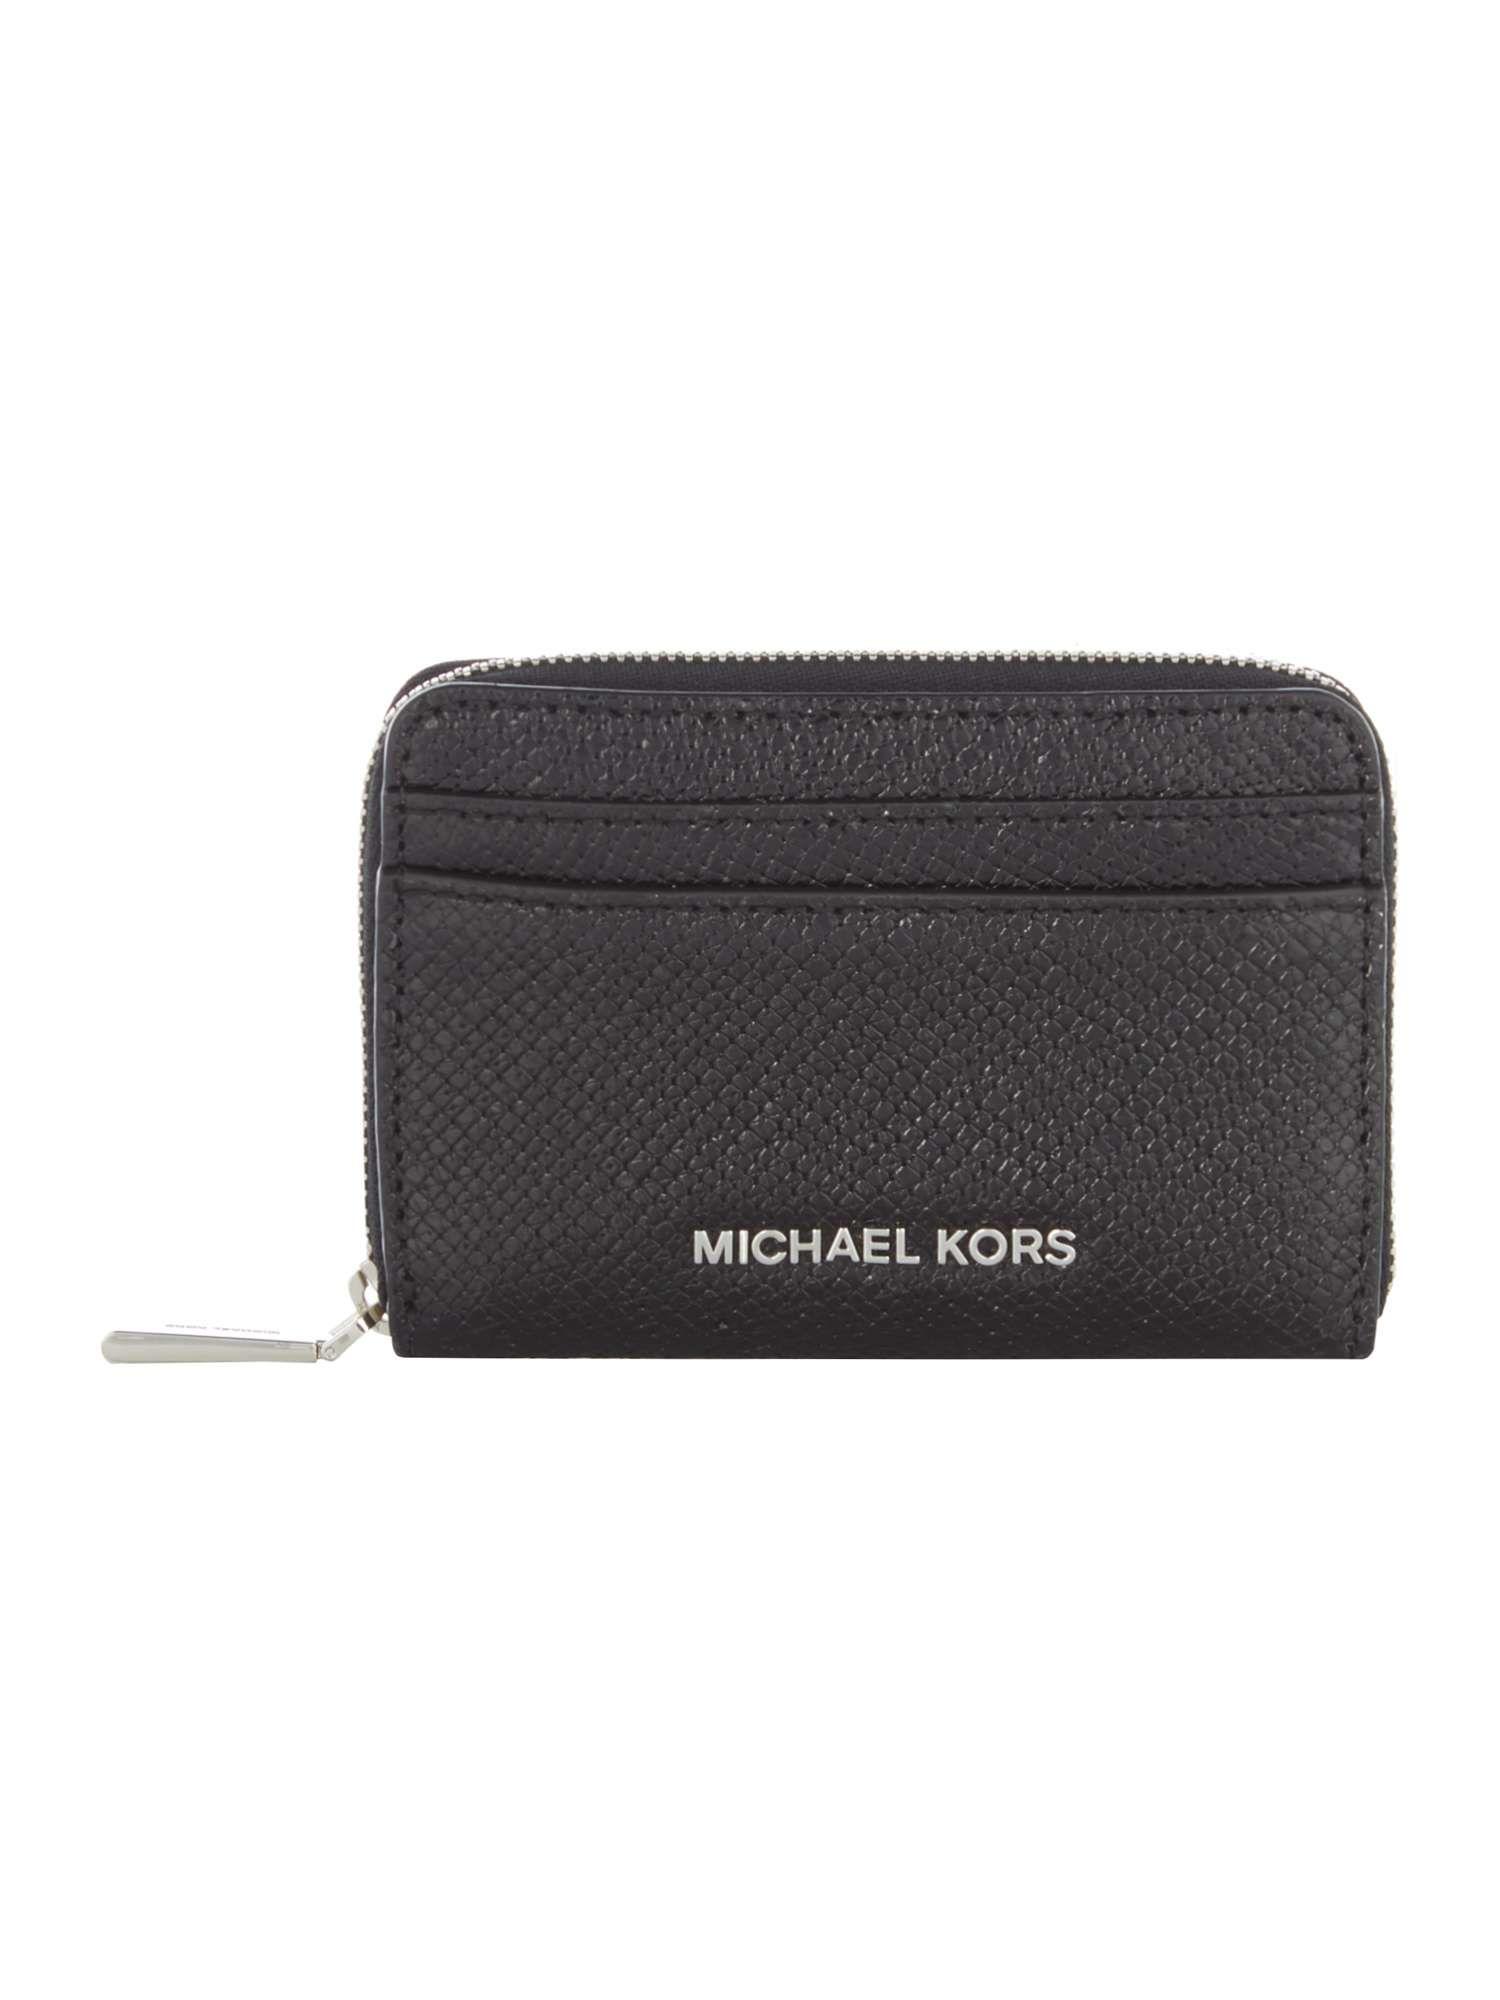 Michael Kors › demox-012 - інтернет-магазин аксесуарів 263fd44024f53